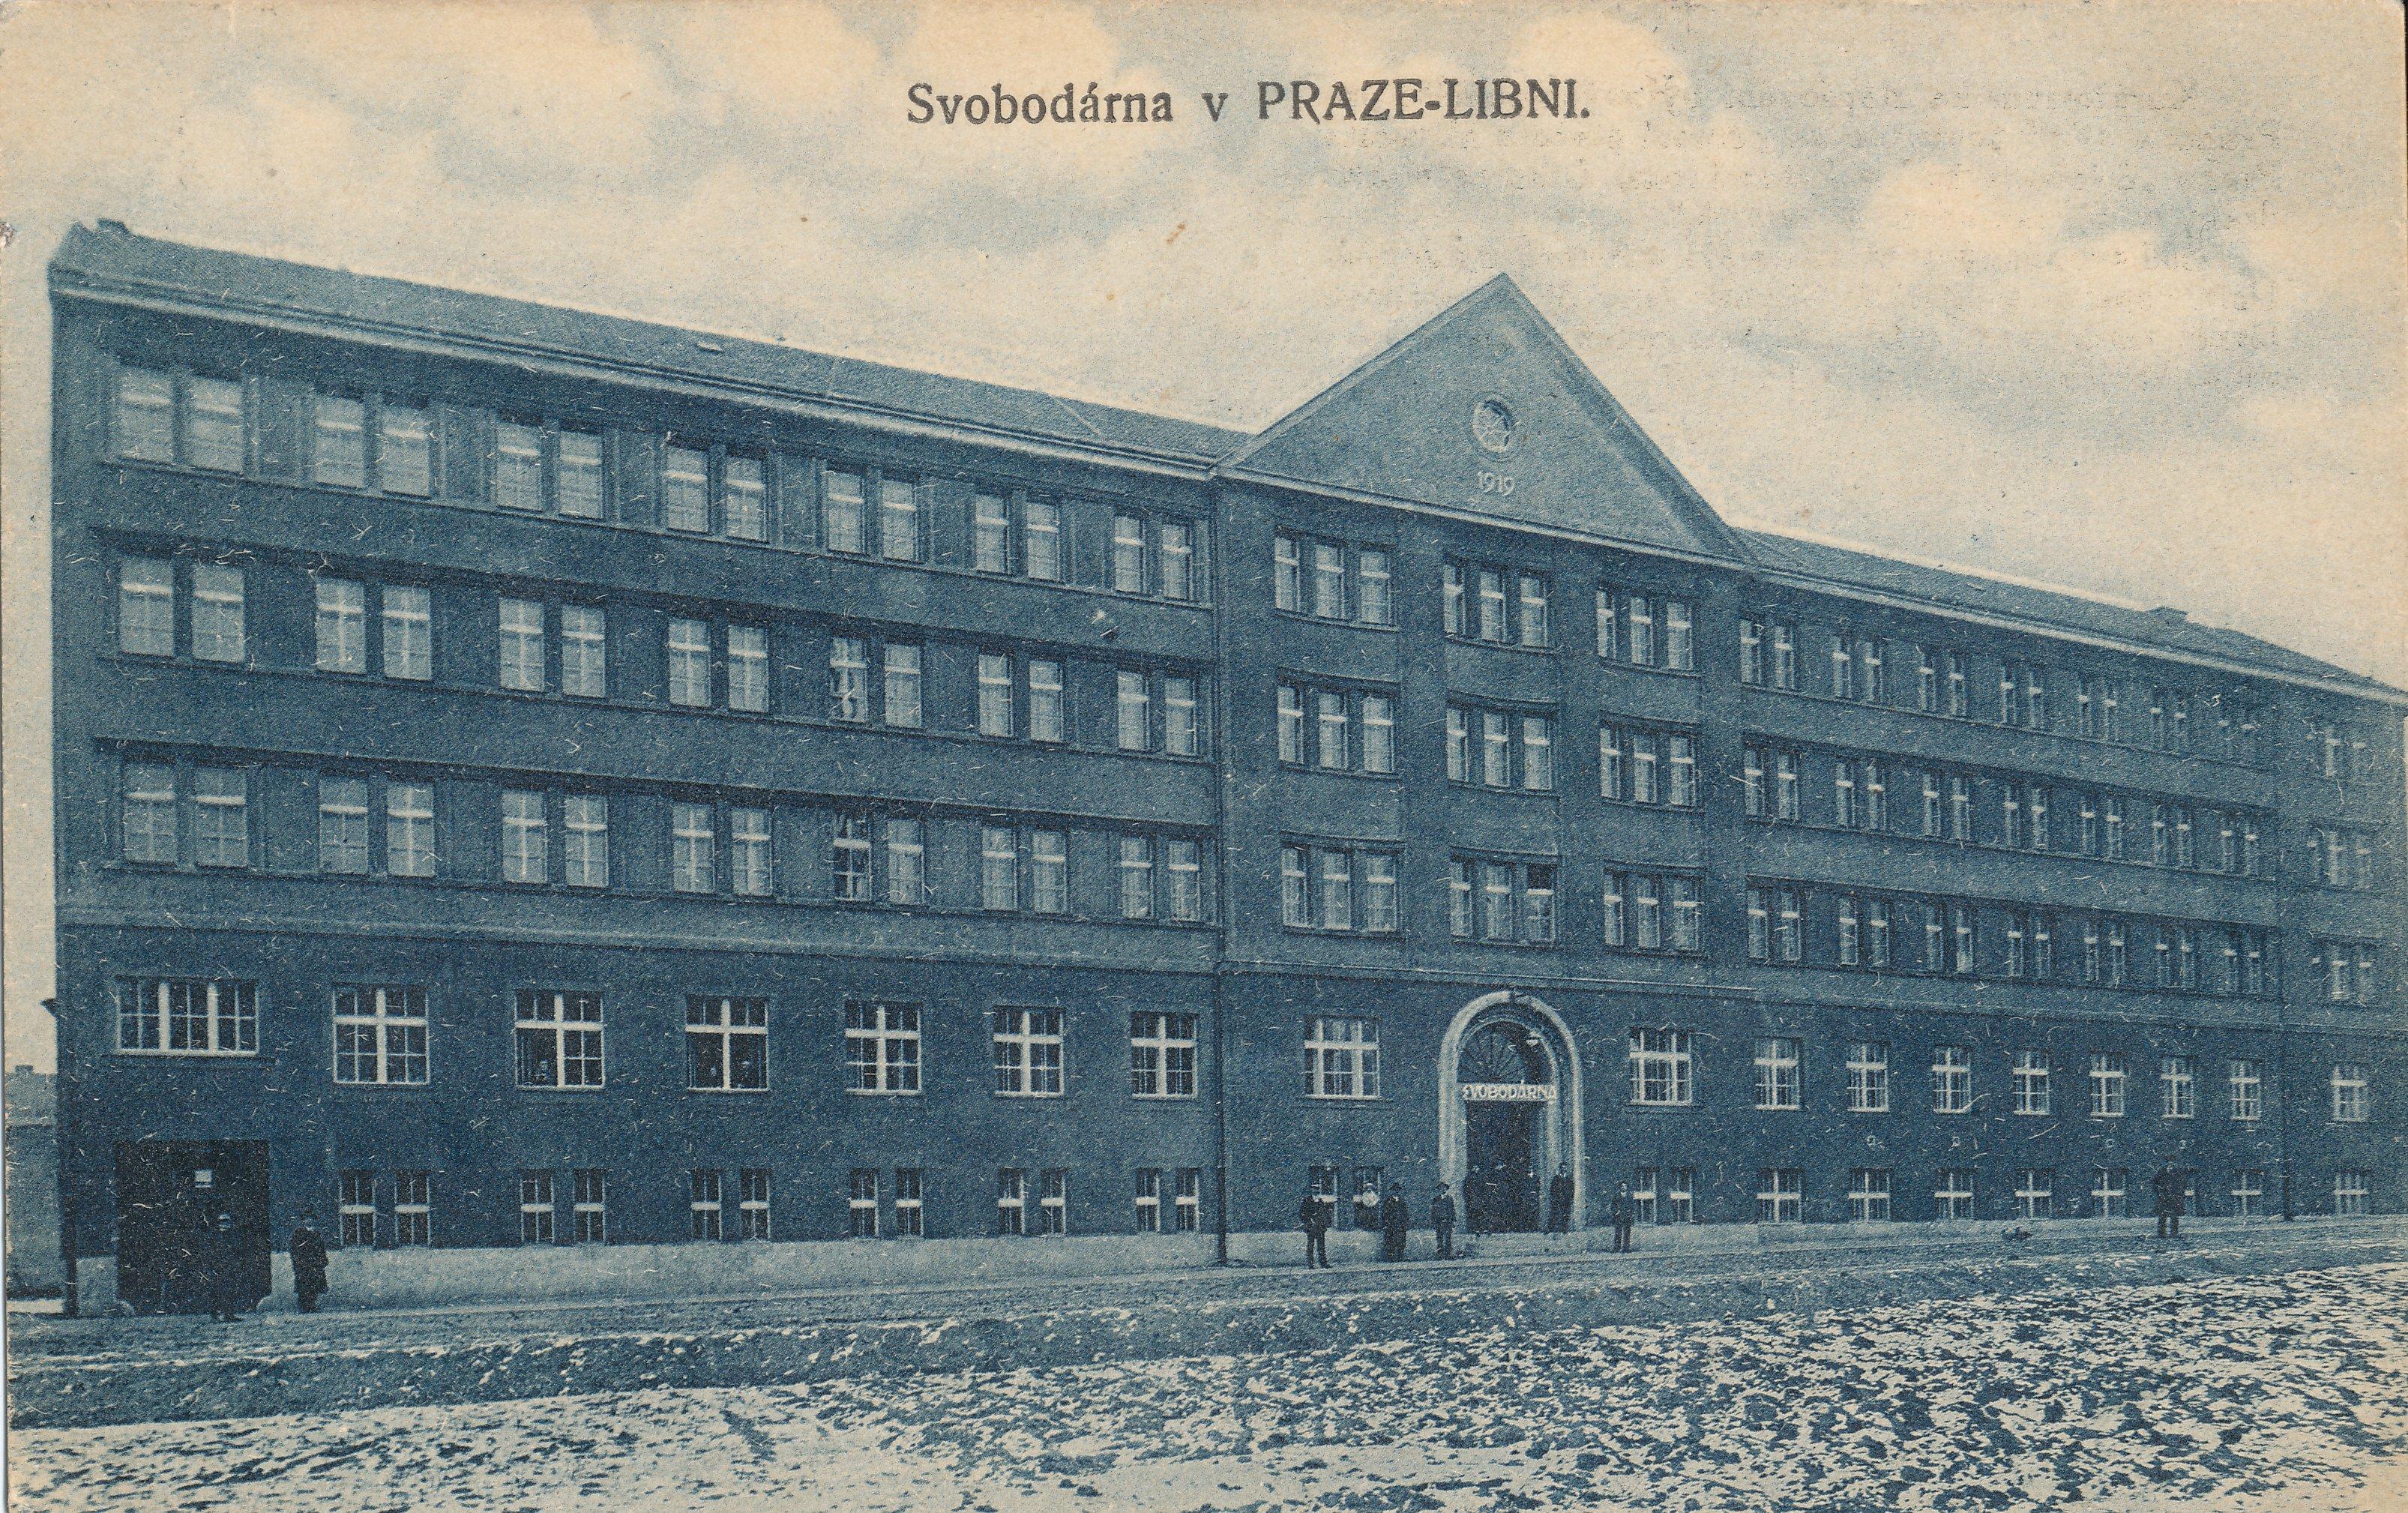 Svobodárna v Praze - Libni